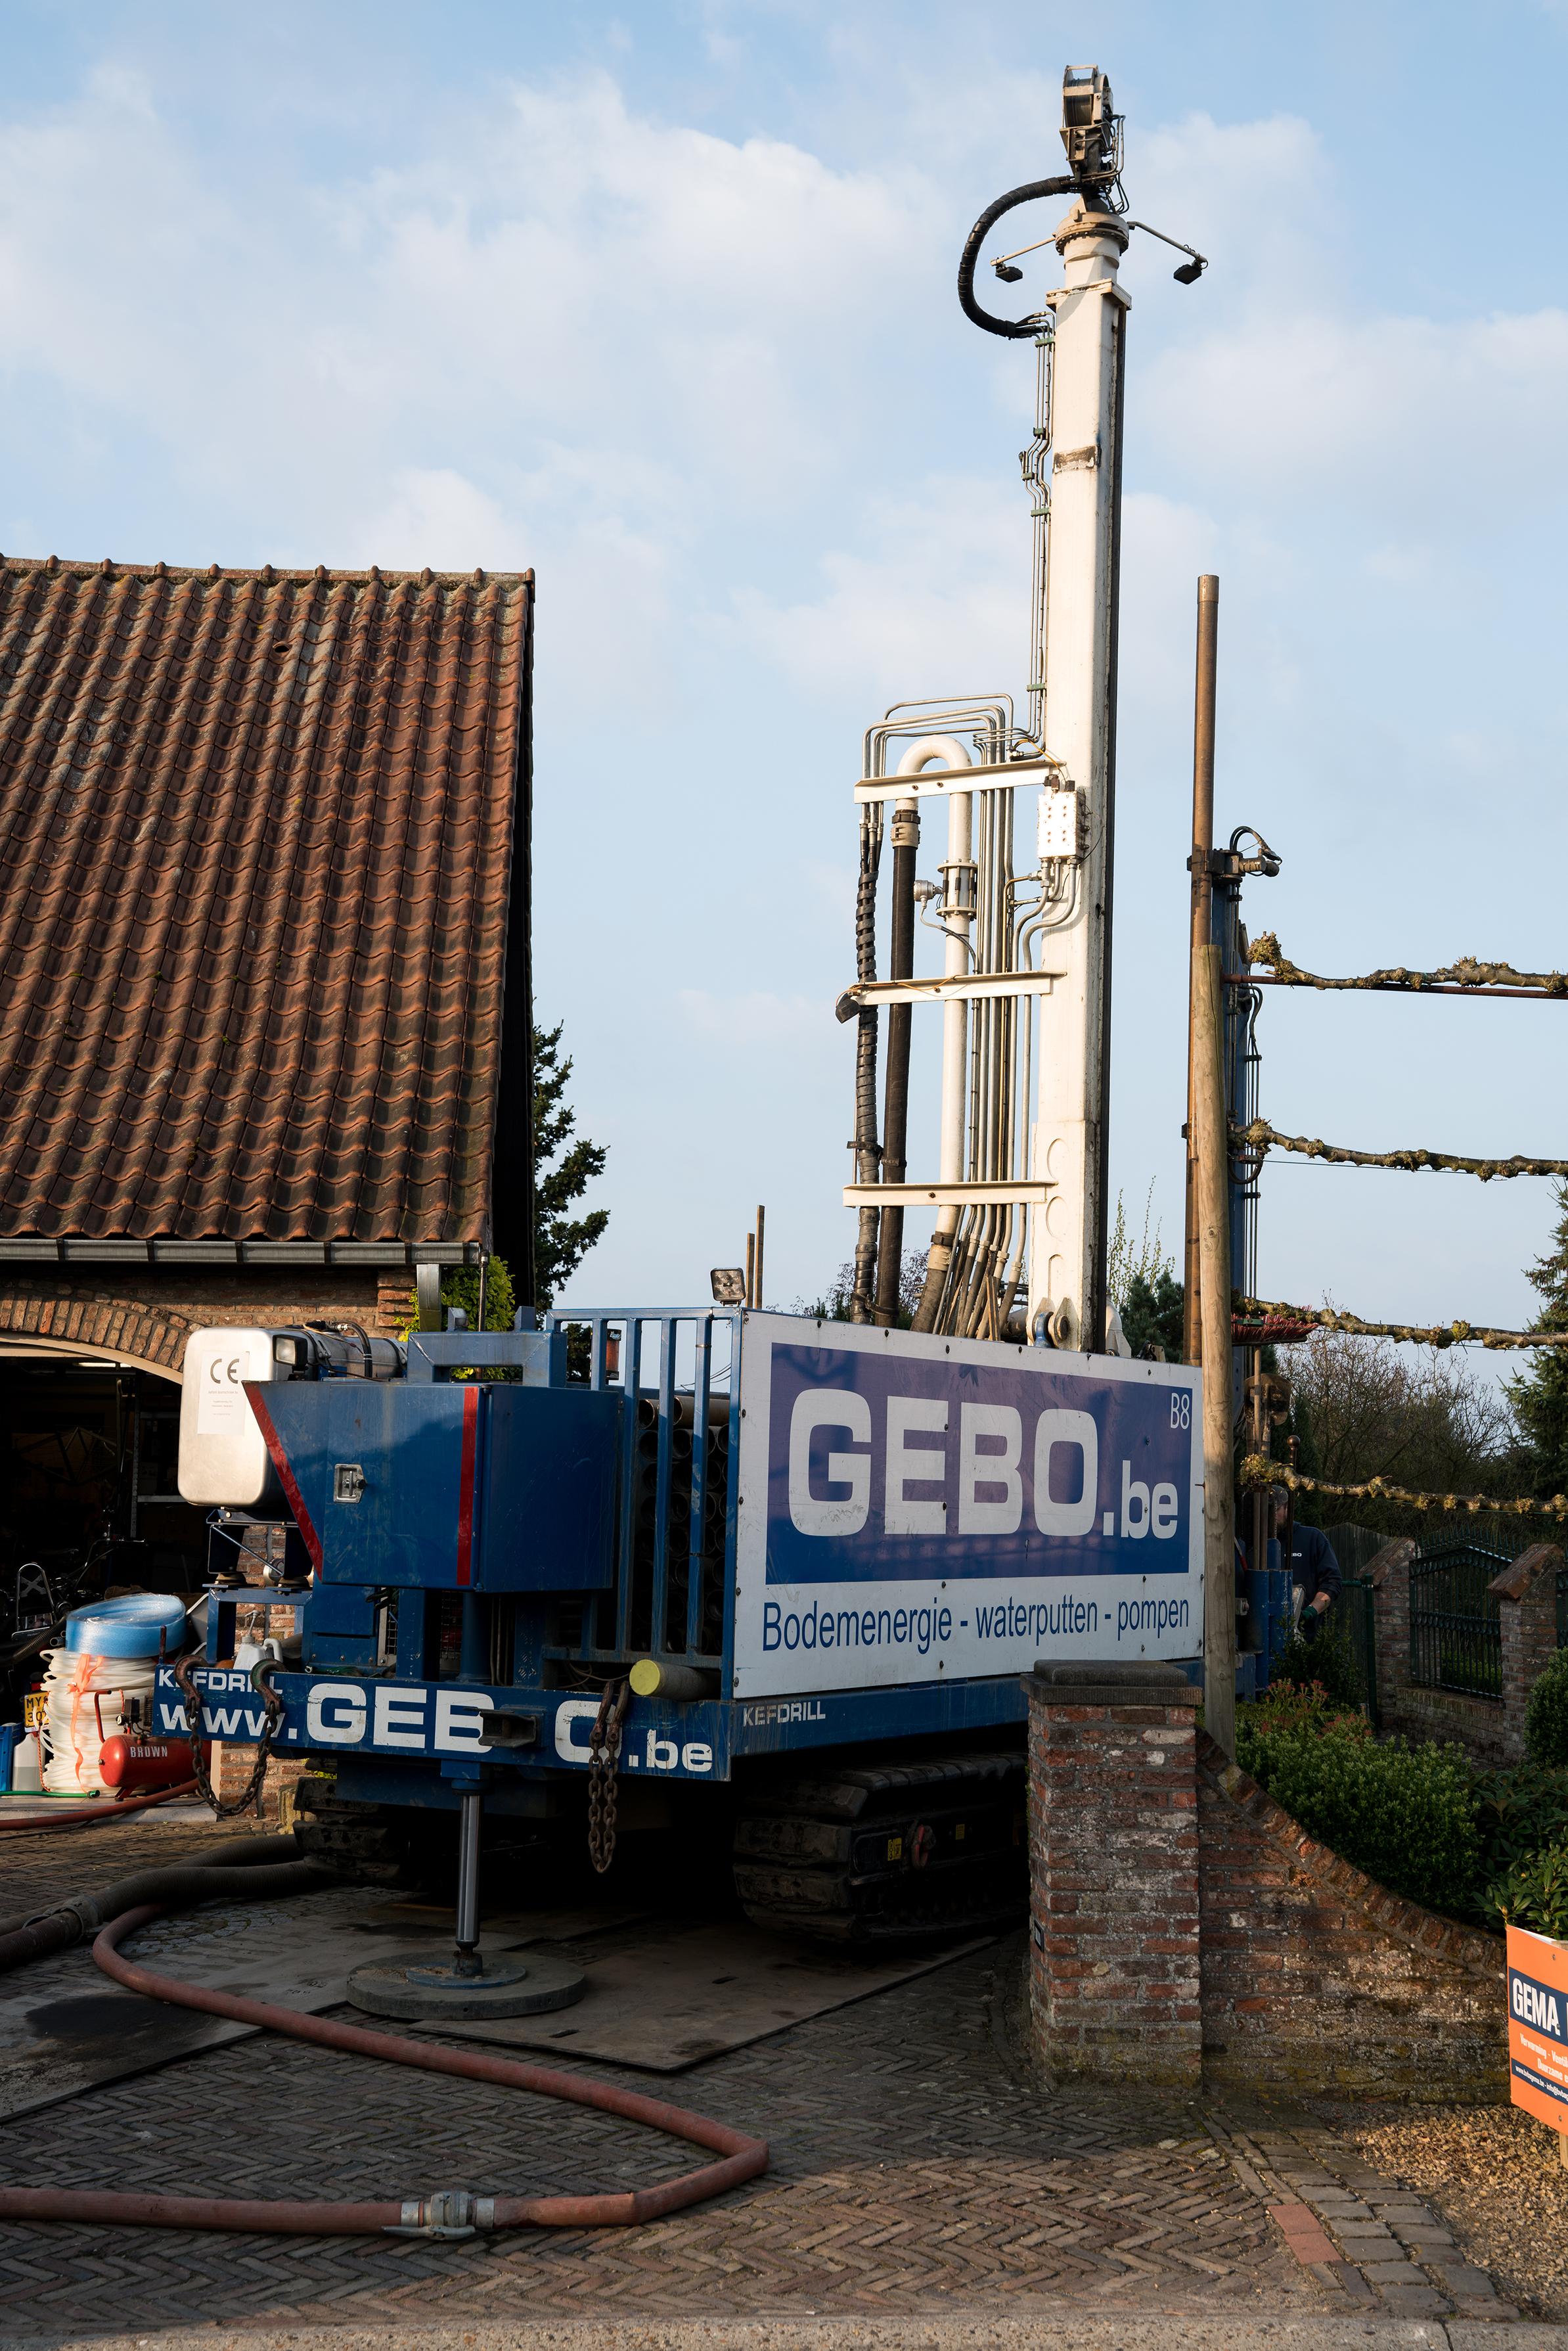 GEBO Snoekx Maes -17